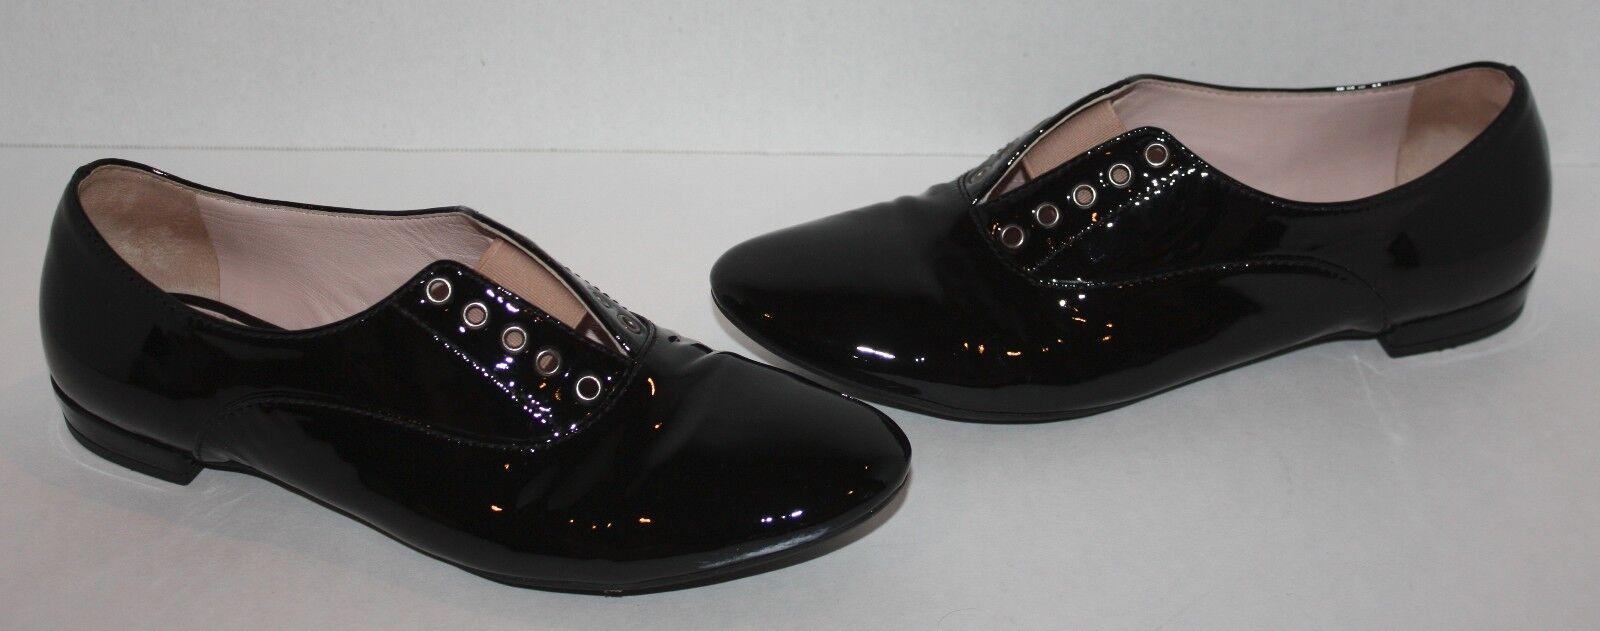 Para Mujer Mujer Mujer  495 Miu Miu Negro Patente Cuero Oxfords Flats Talla 36  productos creativos